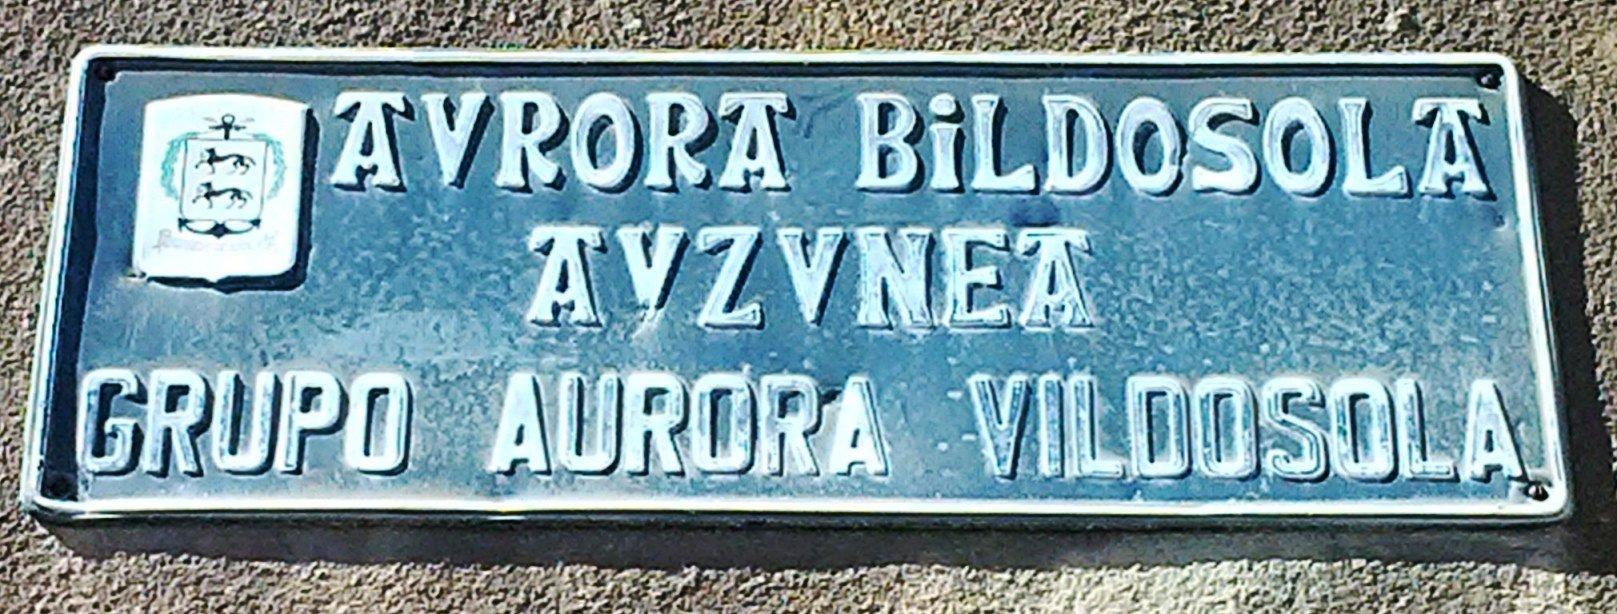 1 Grupo Aurora Vildosola